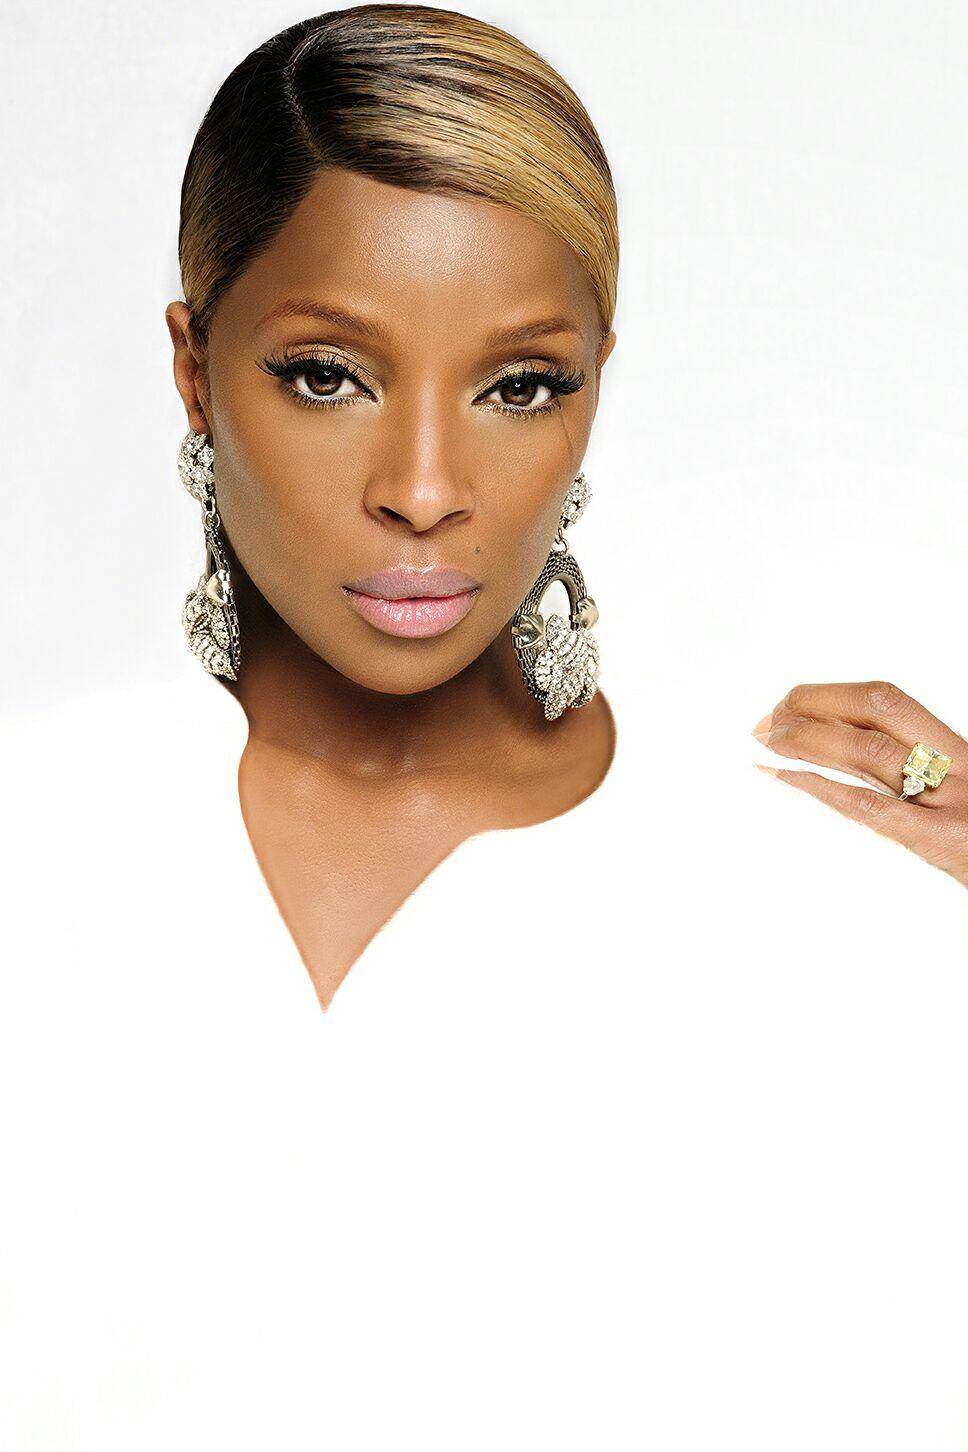 Mary J Blige. CD Cover